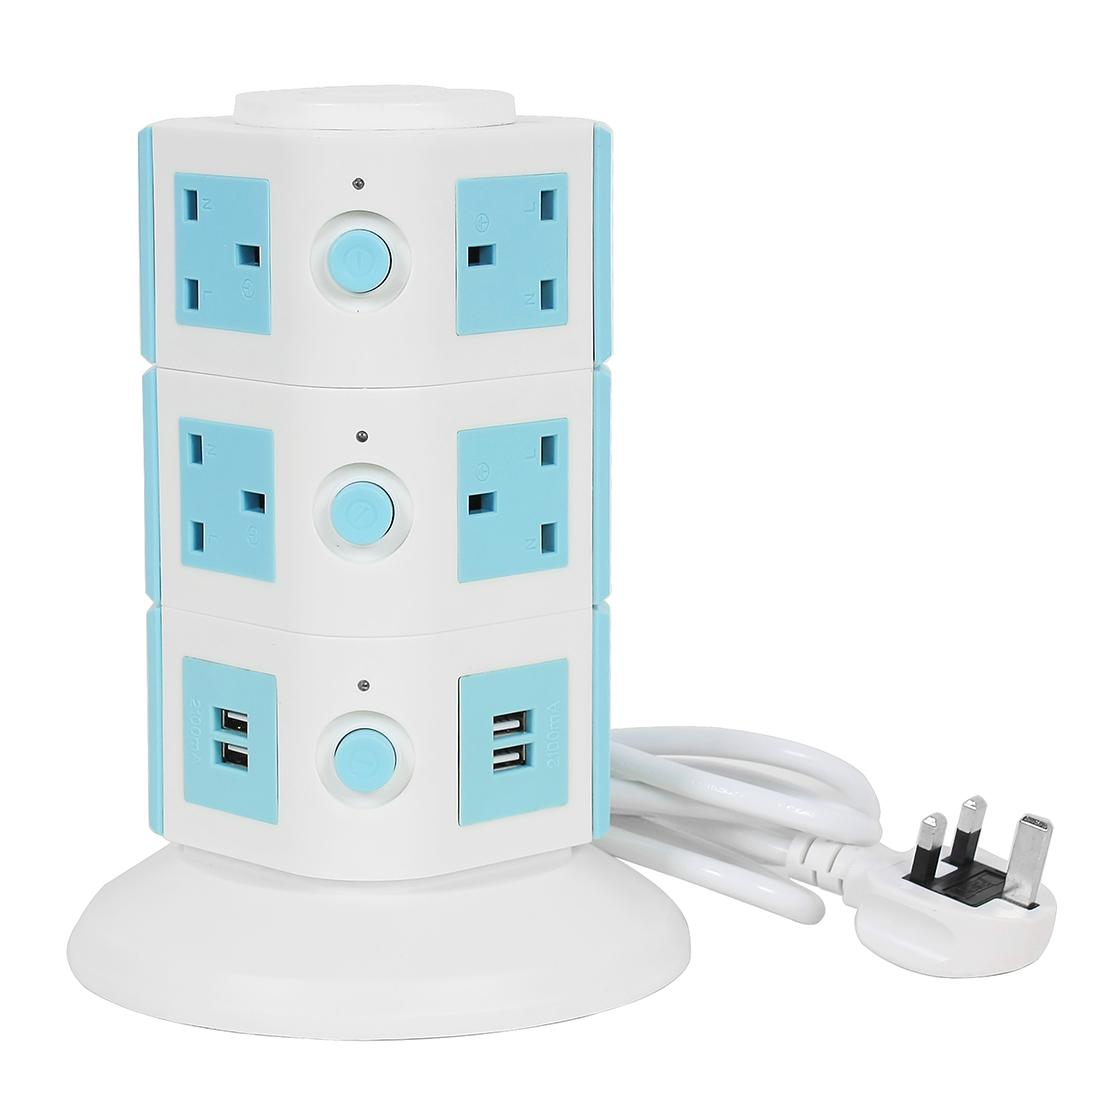 AC250V UK Plug Vertical Smart Socket 10 UK Outlet 4 USB Ports 6 Ft Cable White Blue